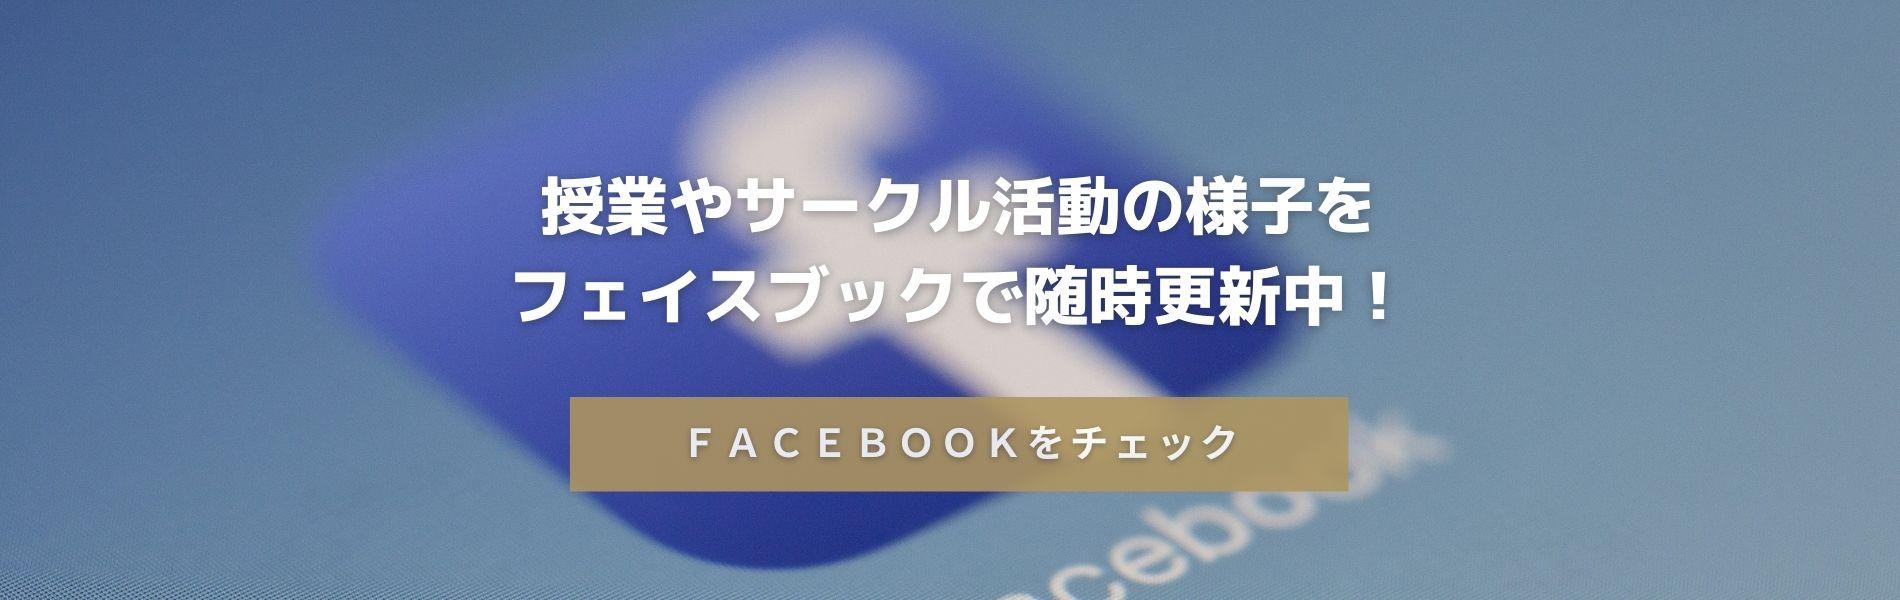 奈良シニア大学フェイスブック